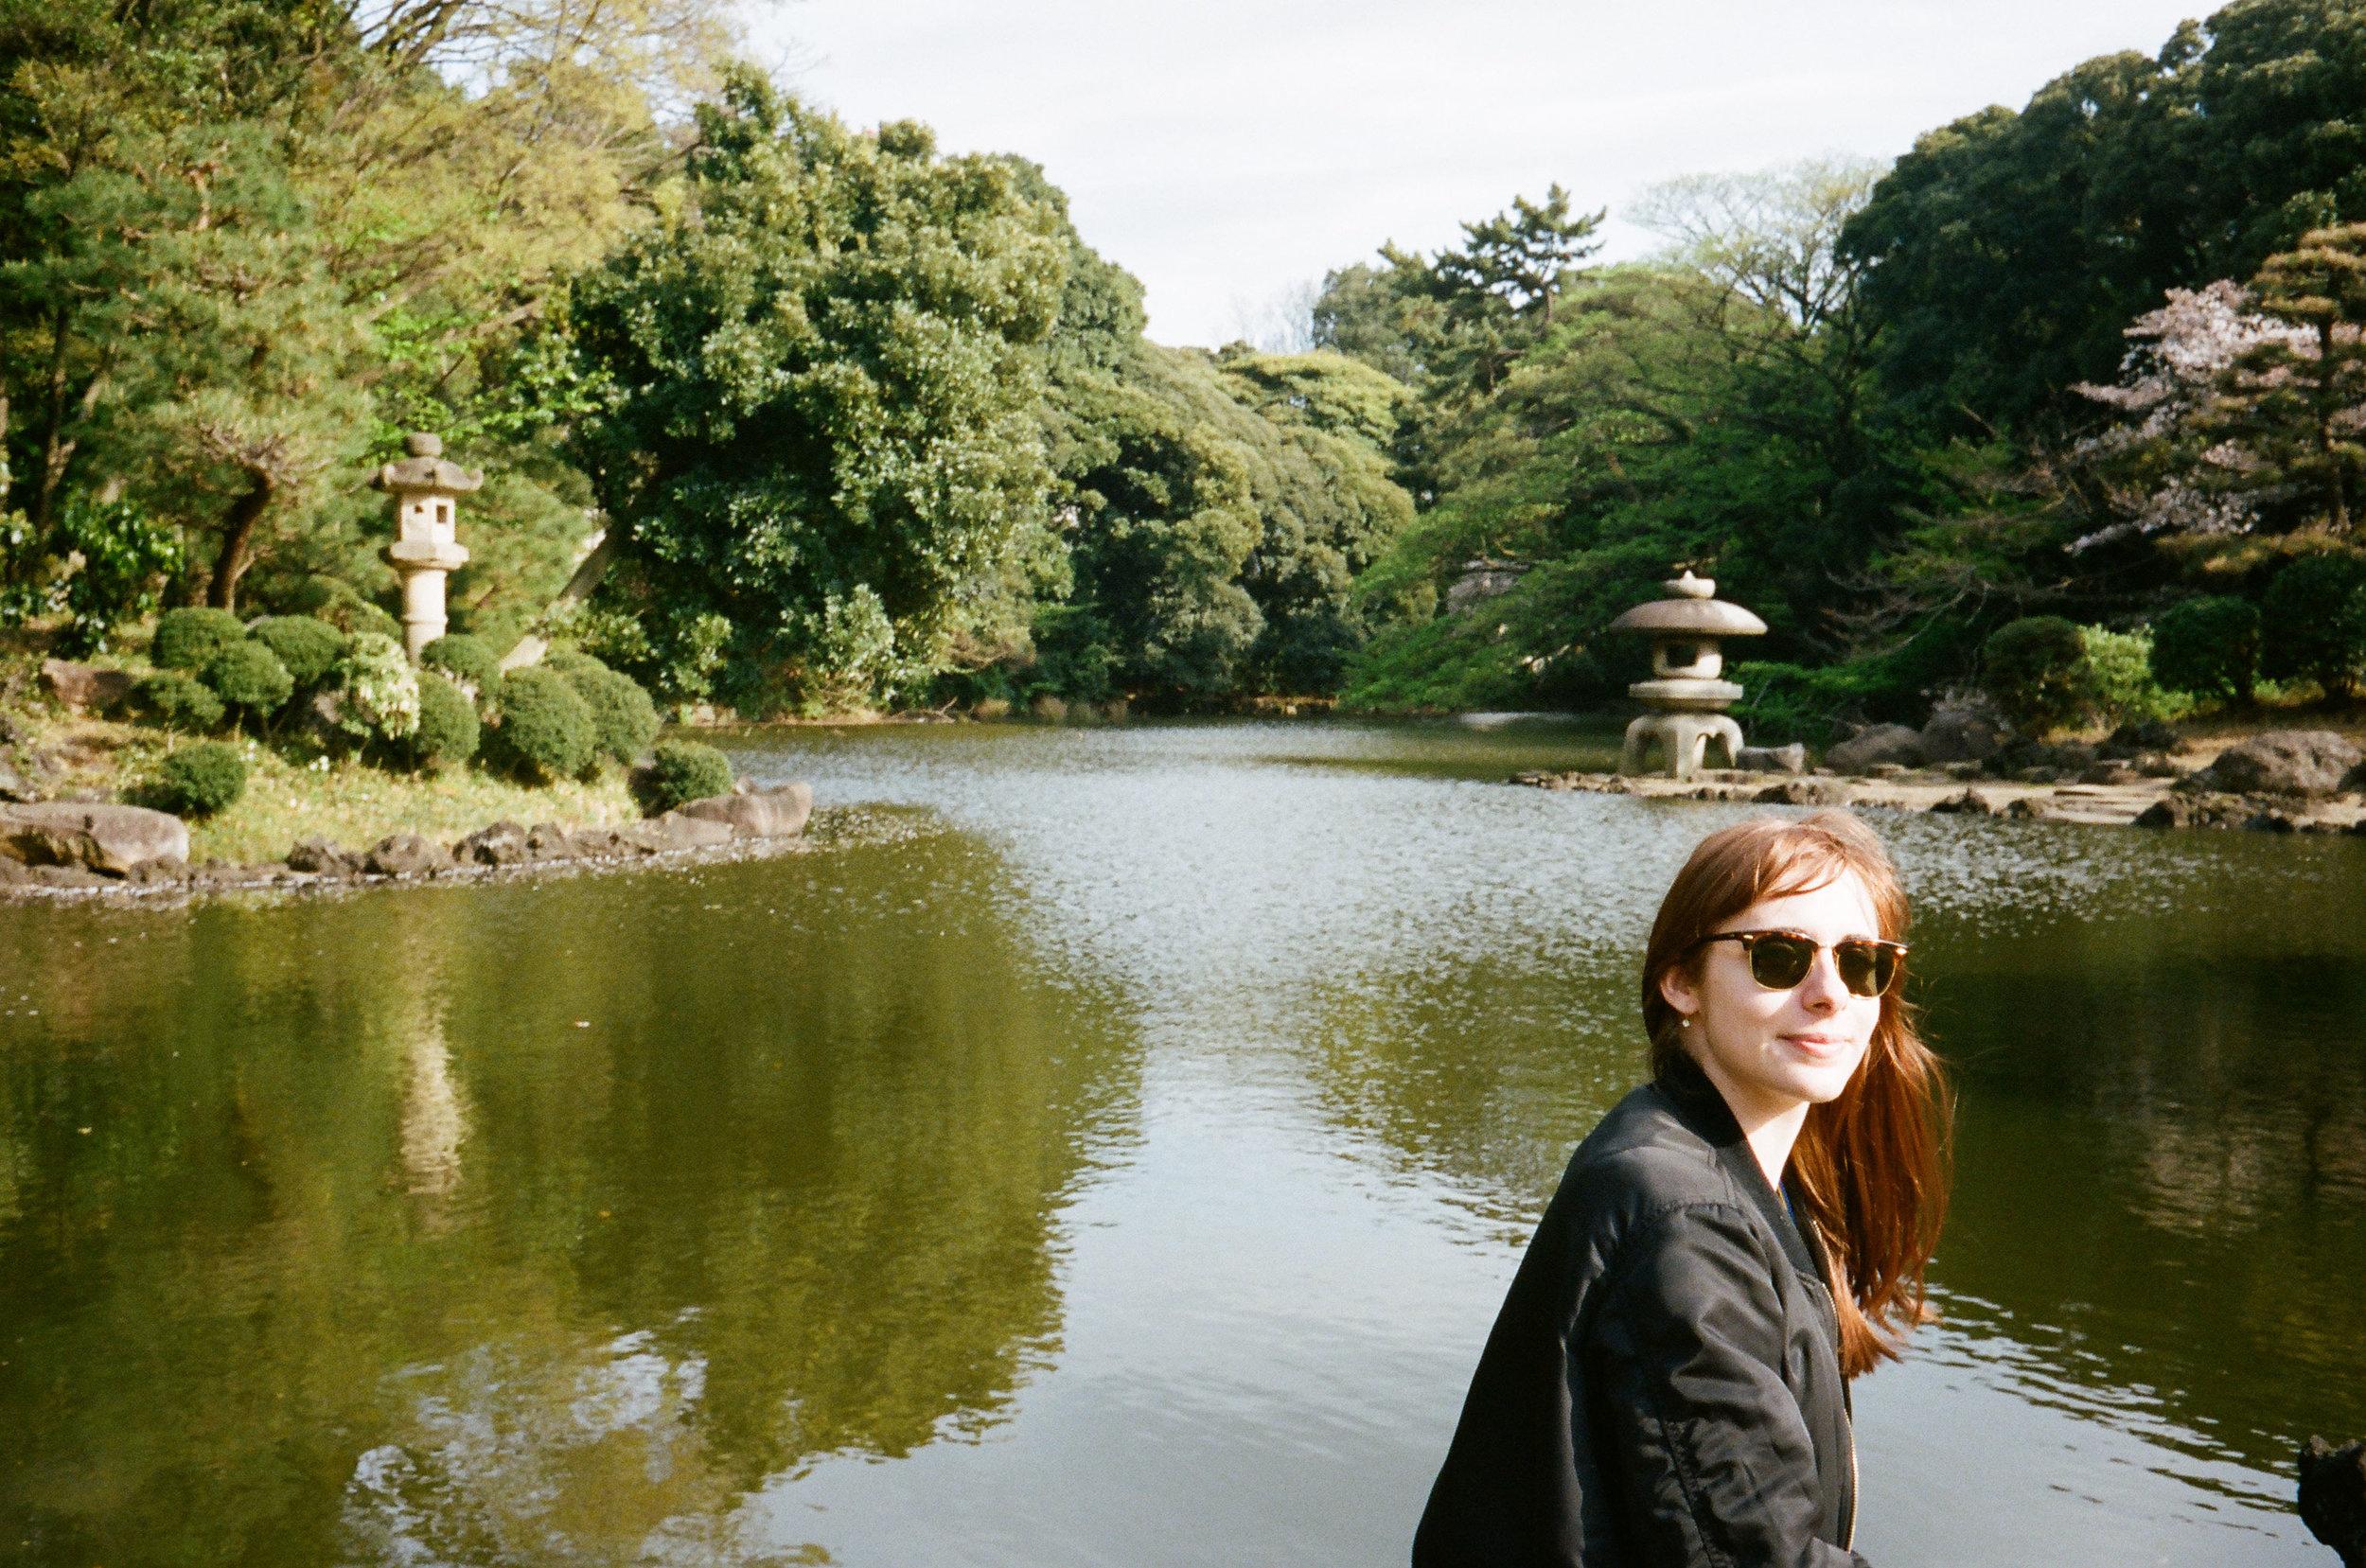 17-JAPON-argentique-Tokyo-fevrier-2017-0064.jpg